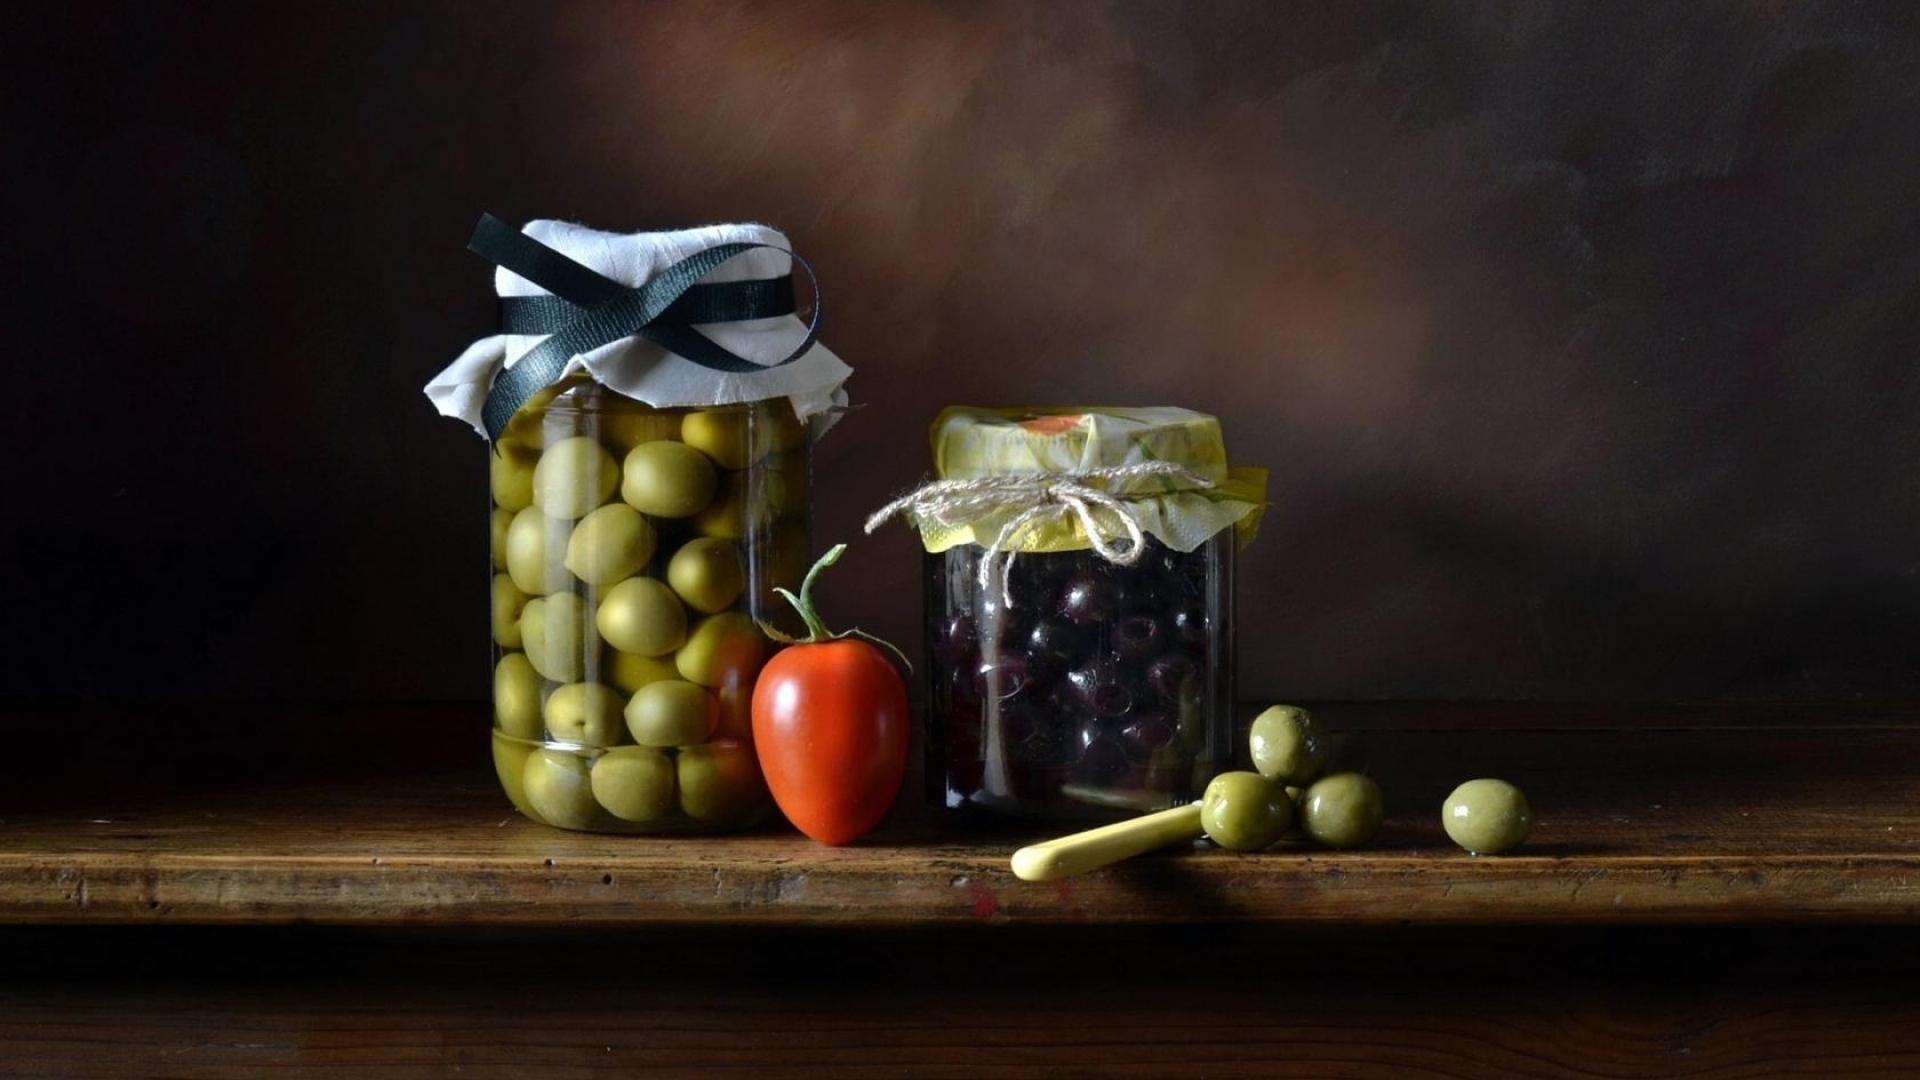 Olives Wallpaper